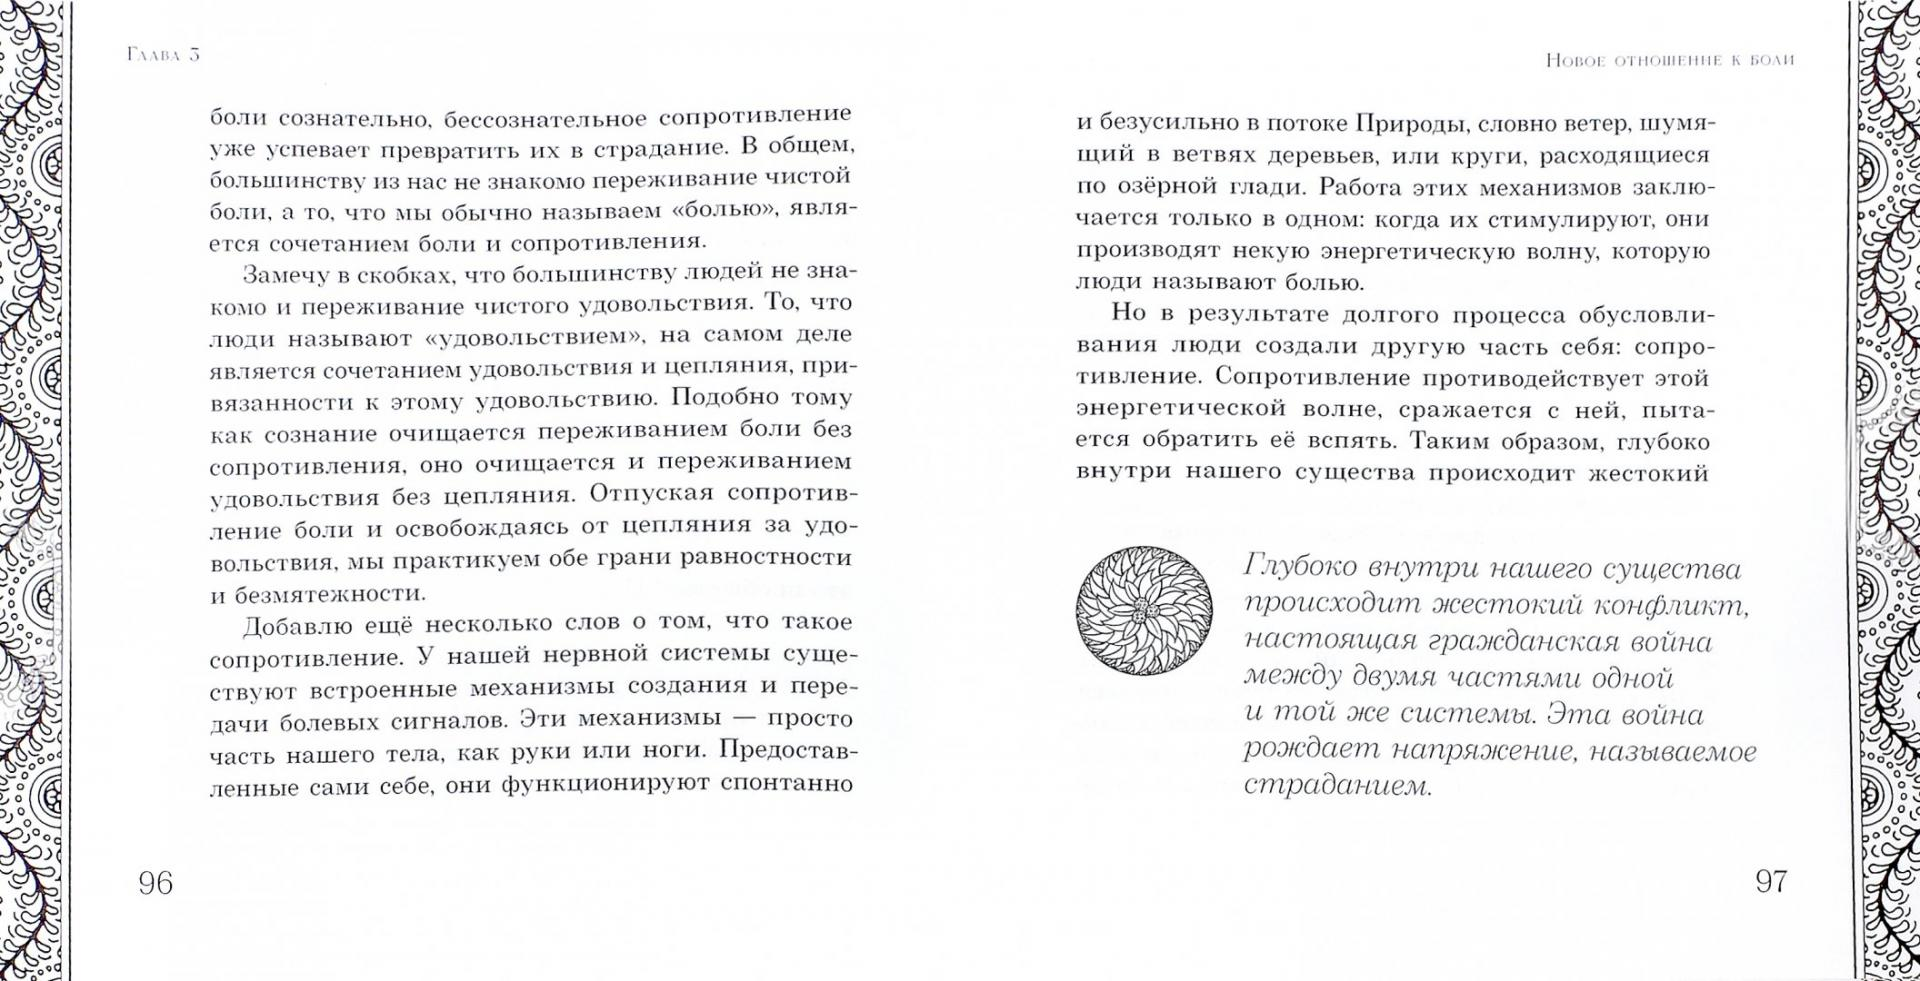 Иллюстрация 1 из 24 для Естественное избавление от боли. Как облегчить и растворить физ. боль с помощью практики медитации - Шинзен Янг | Лабиринт - книги. Источник: Лабиринт